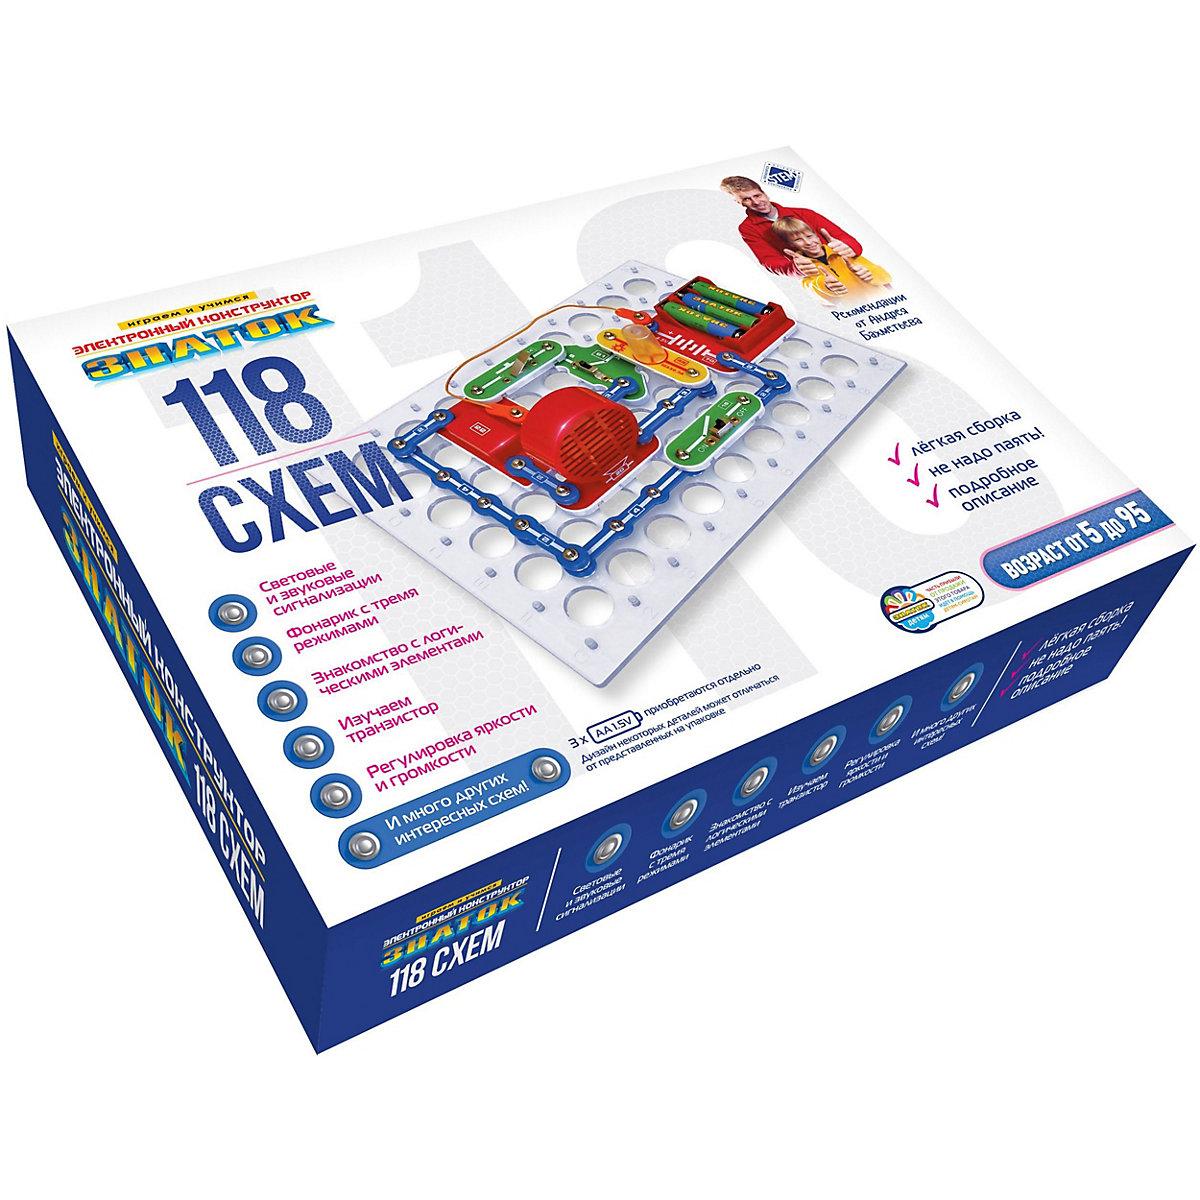 Конструктор Знаток 118 схем - Для детей в возрасте от 5 лет